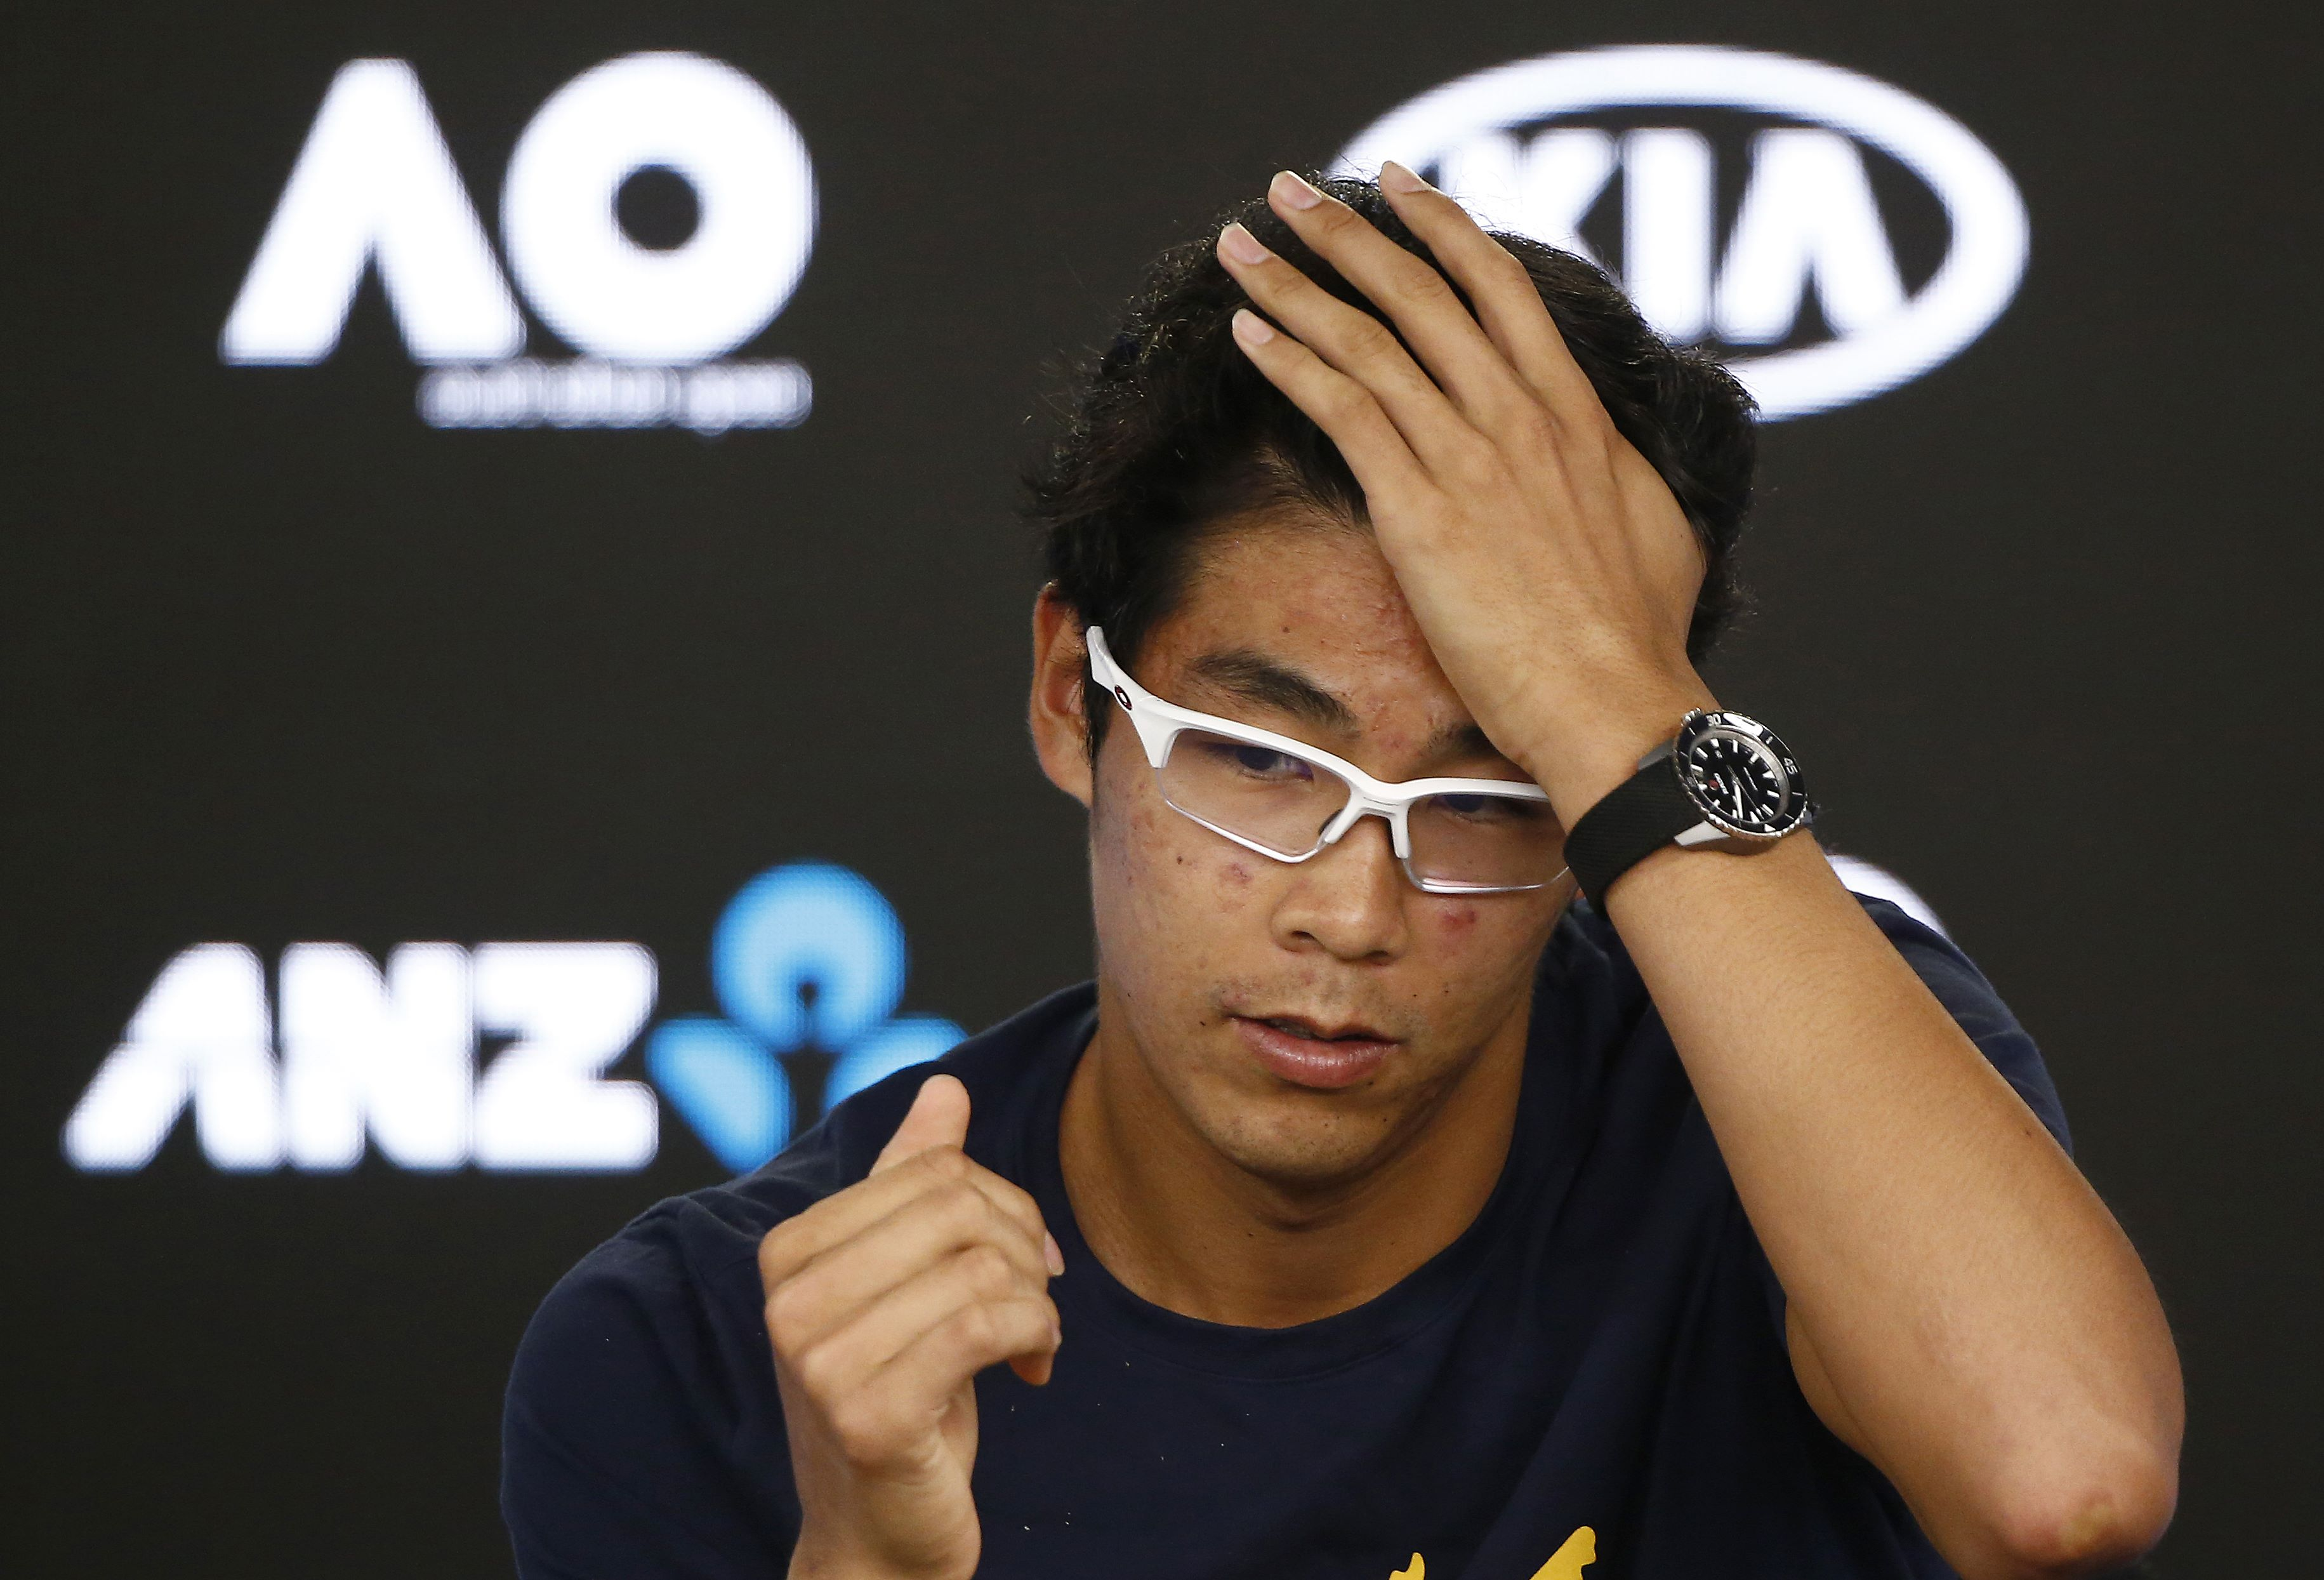 Chung hopes Melbourne run sparks Korean tennis boom